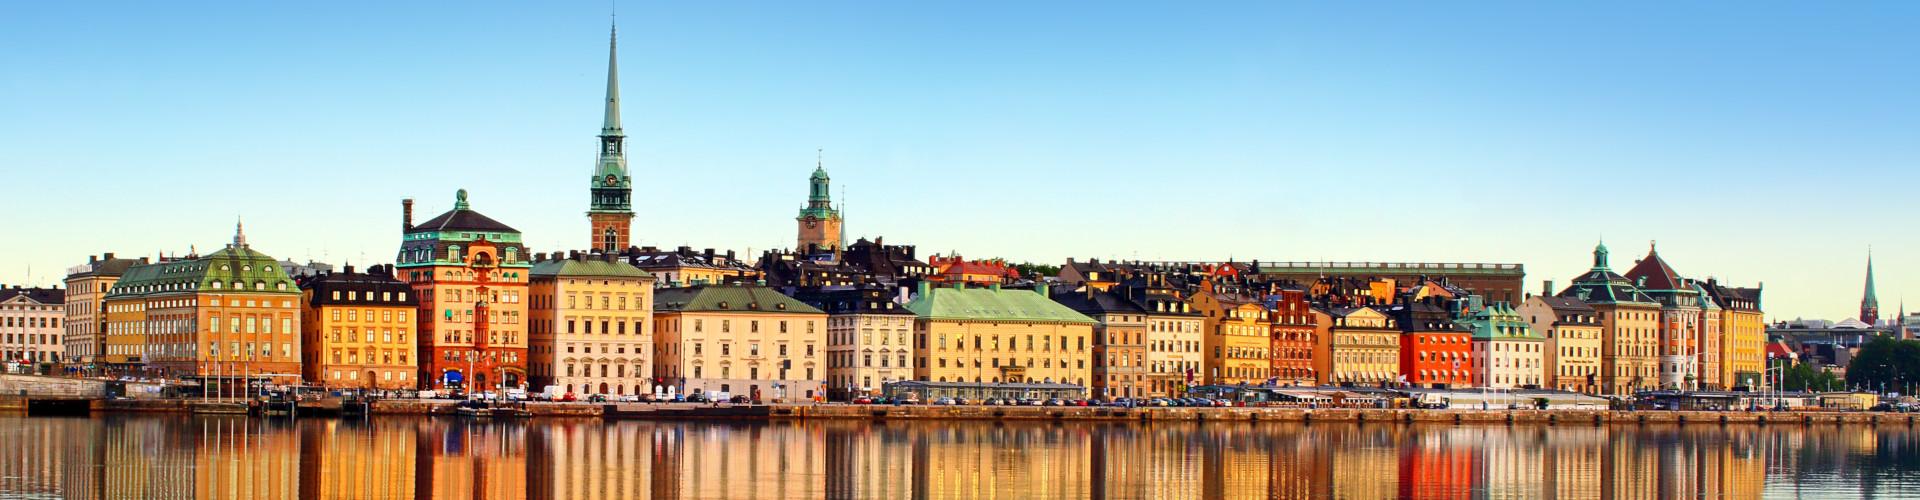 Incontri Malmo Svezia